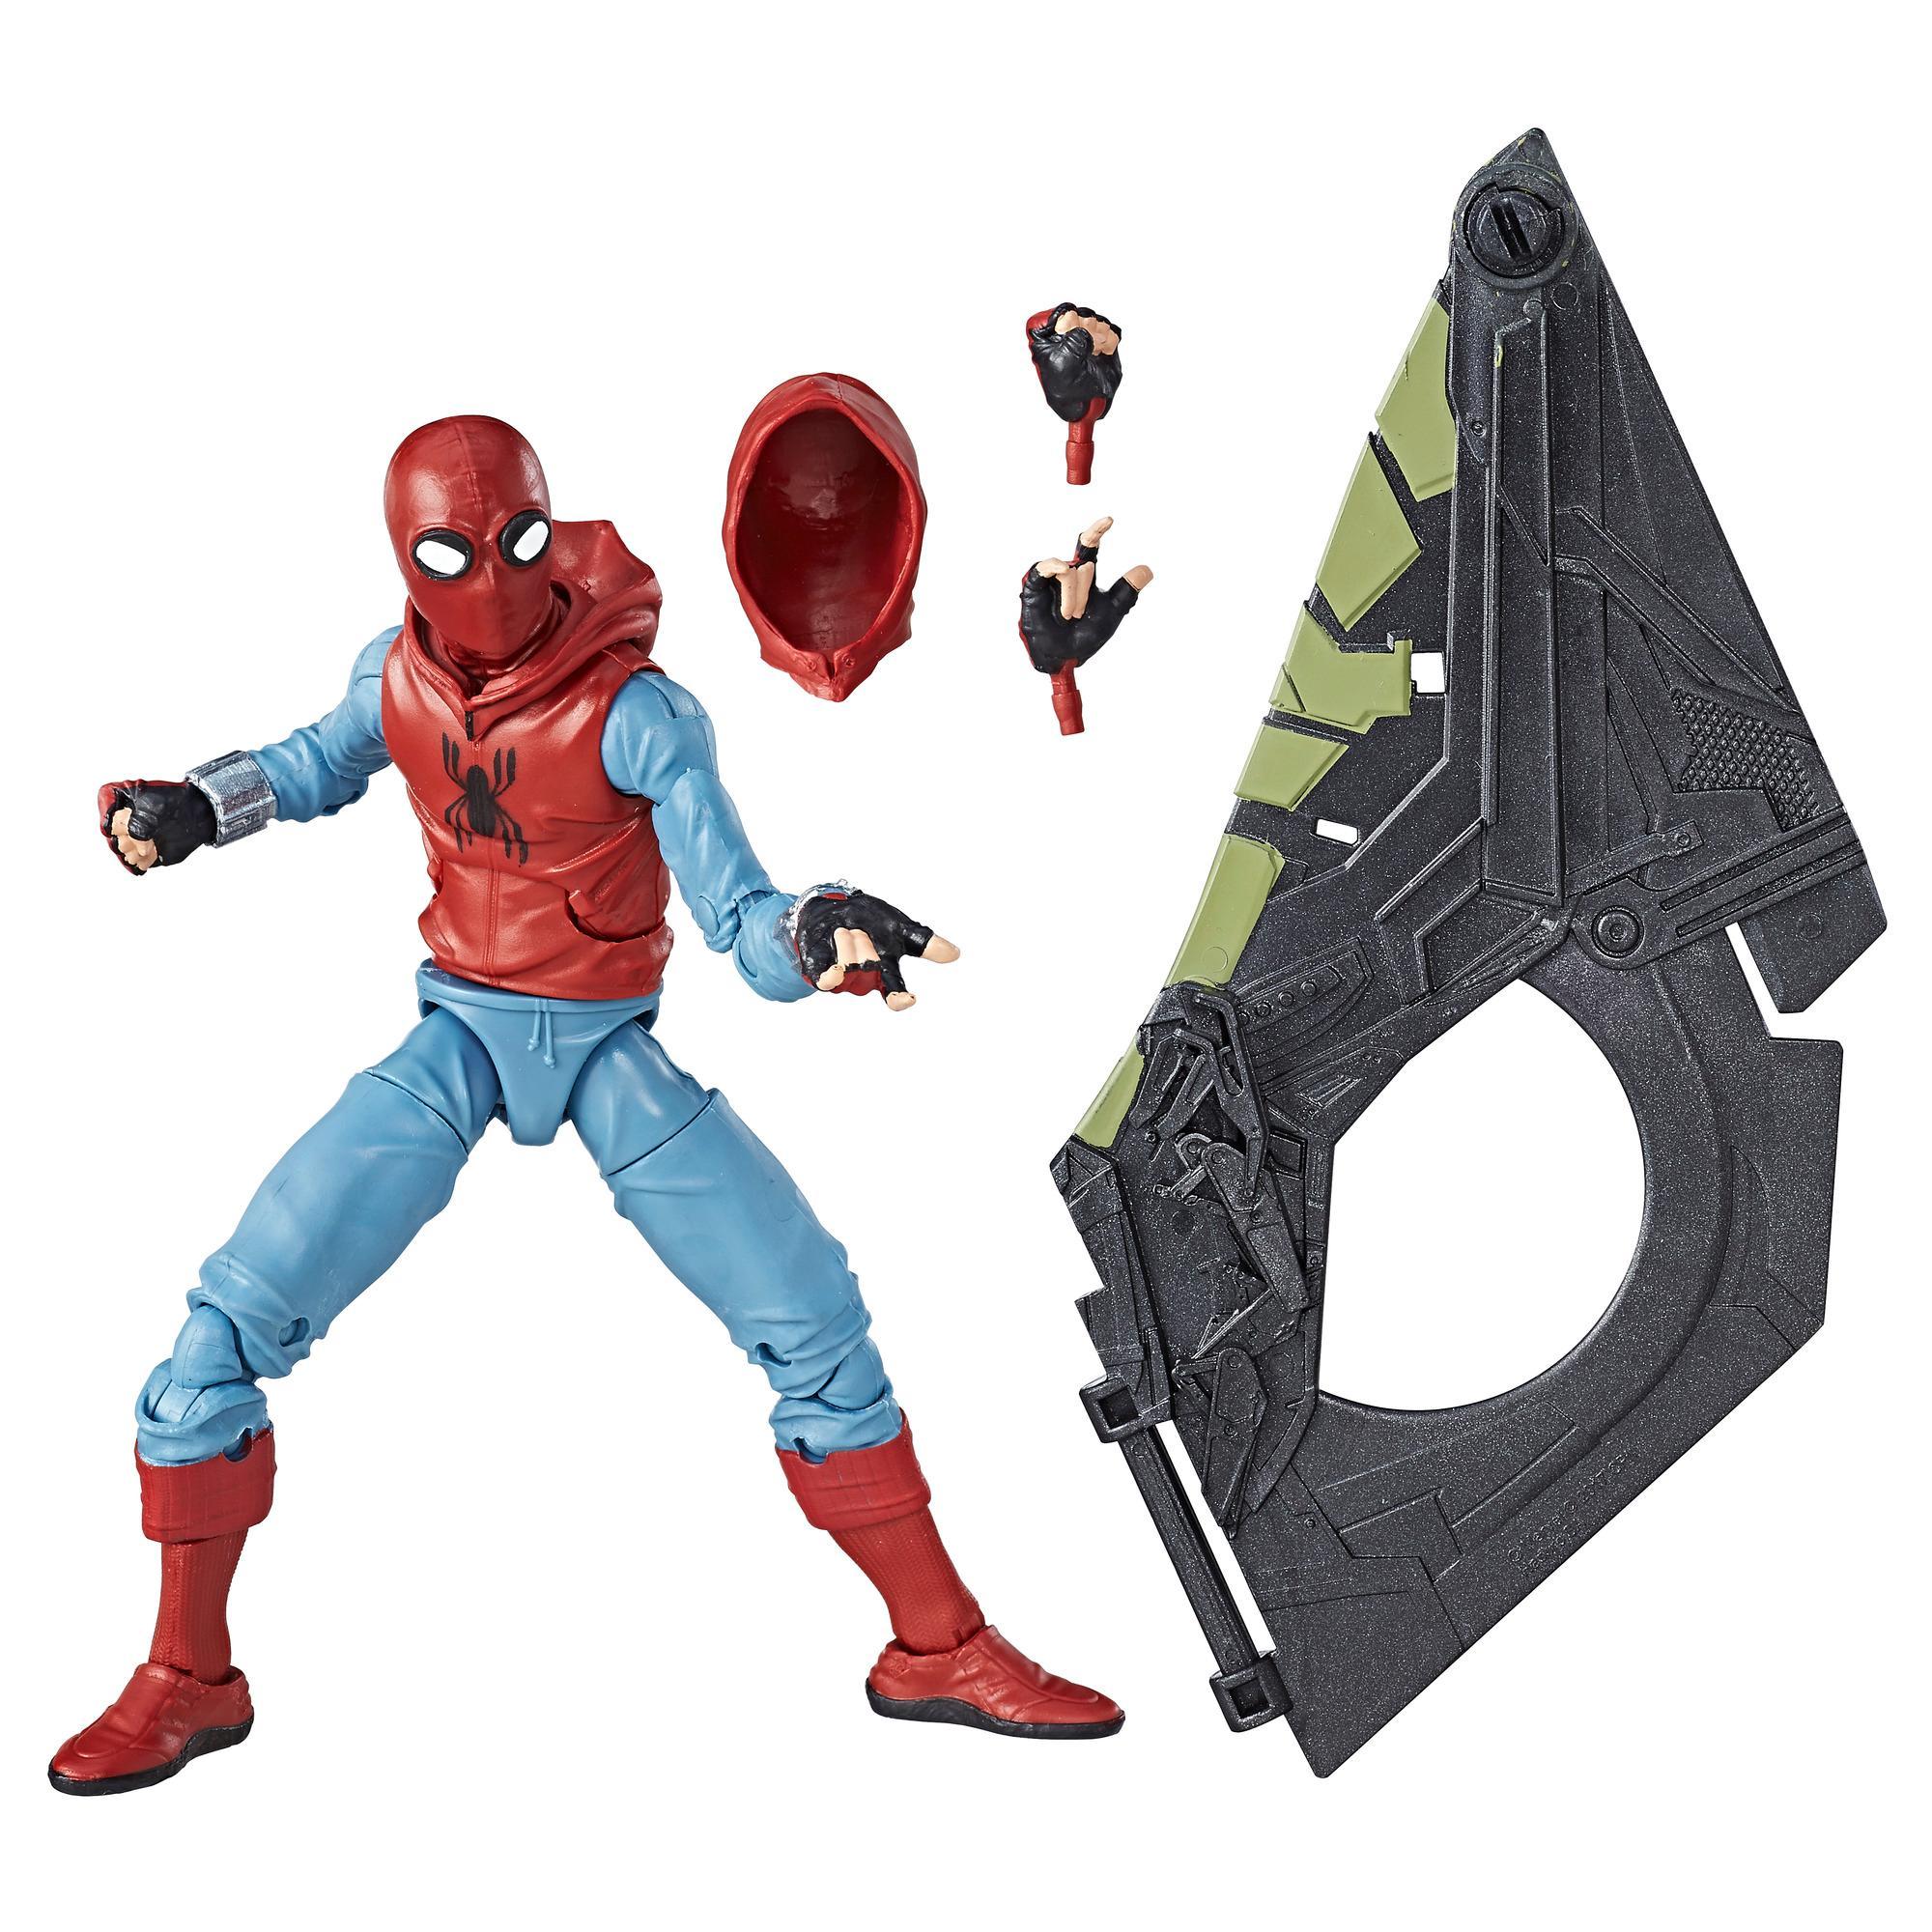 Marvel Spider-Man 6-inch Legends Series Spider-Man (Homemade Suit)